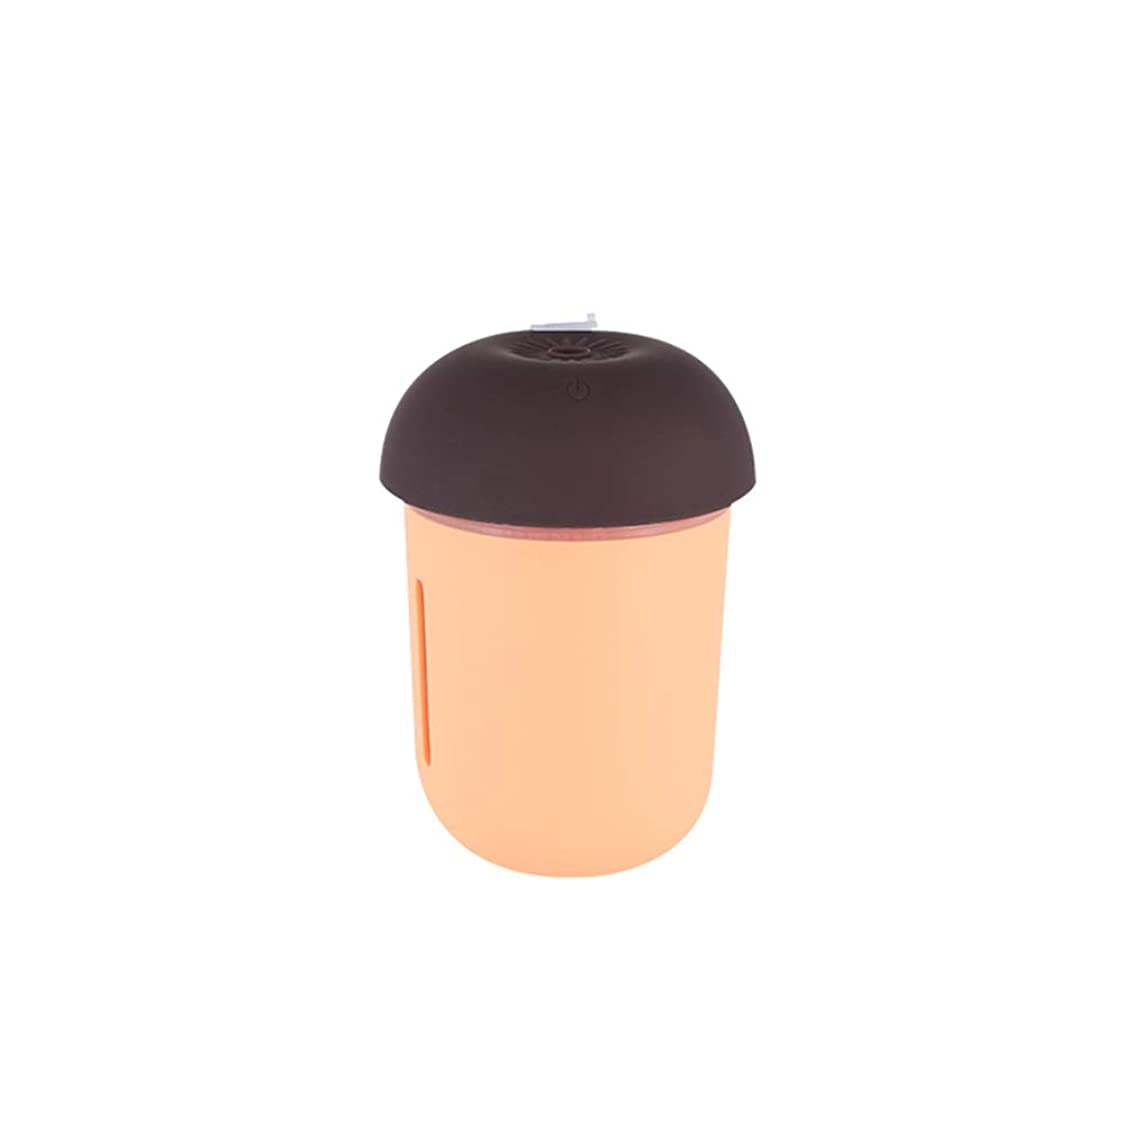 ブランド着実に肺炎ZXF 新しいクリエイティブusb充電車の空気清浄機多機能水道メーターファンナイトライトスリーインワンきのこ加湿器オレンジピンク 滑らかである (色 : Orange)